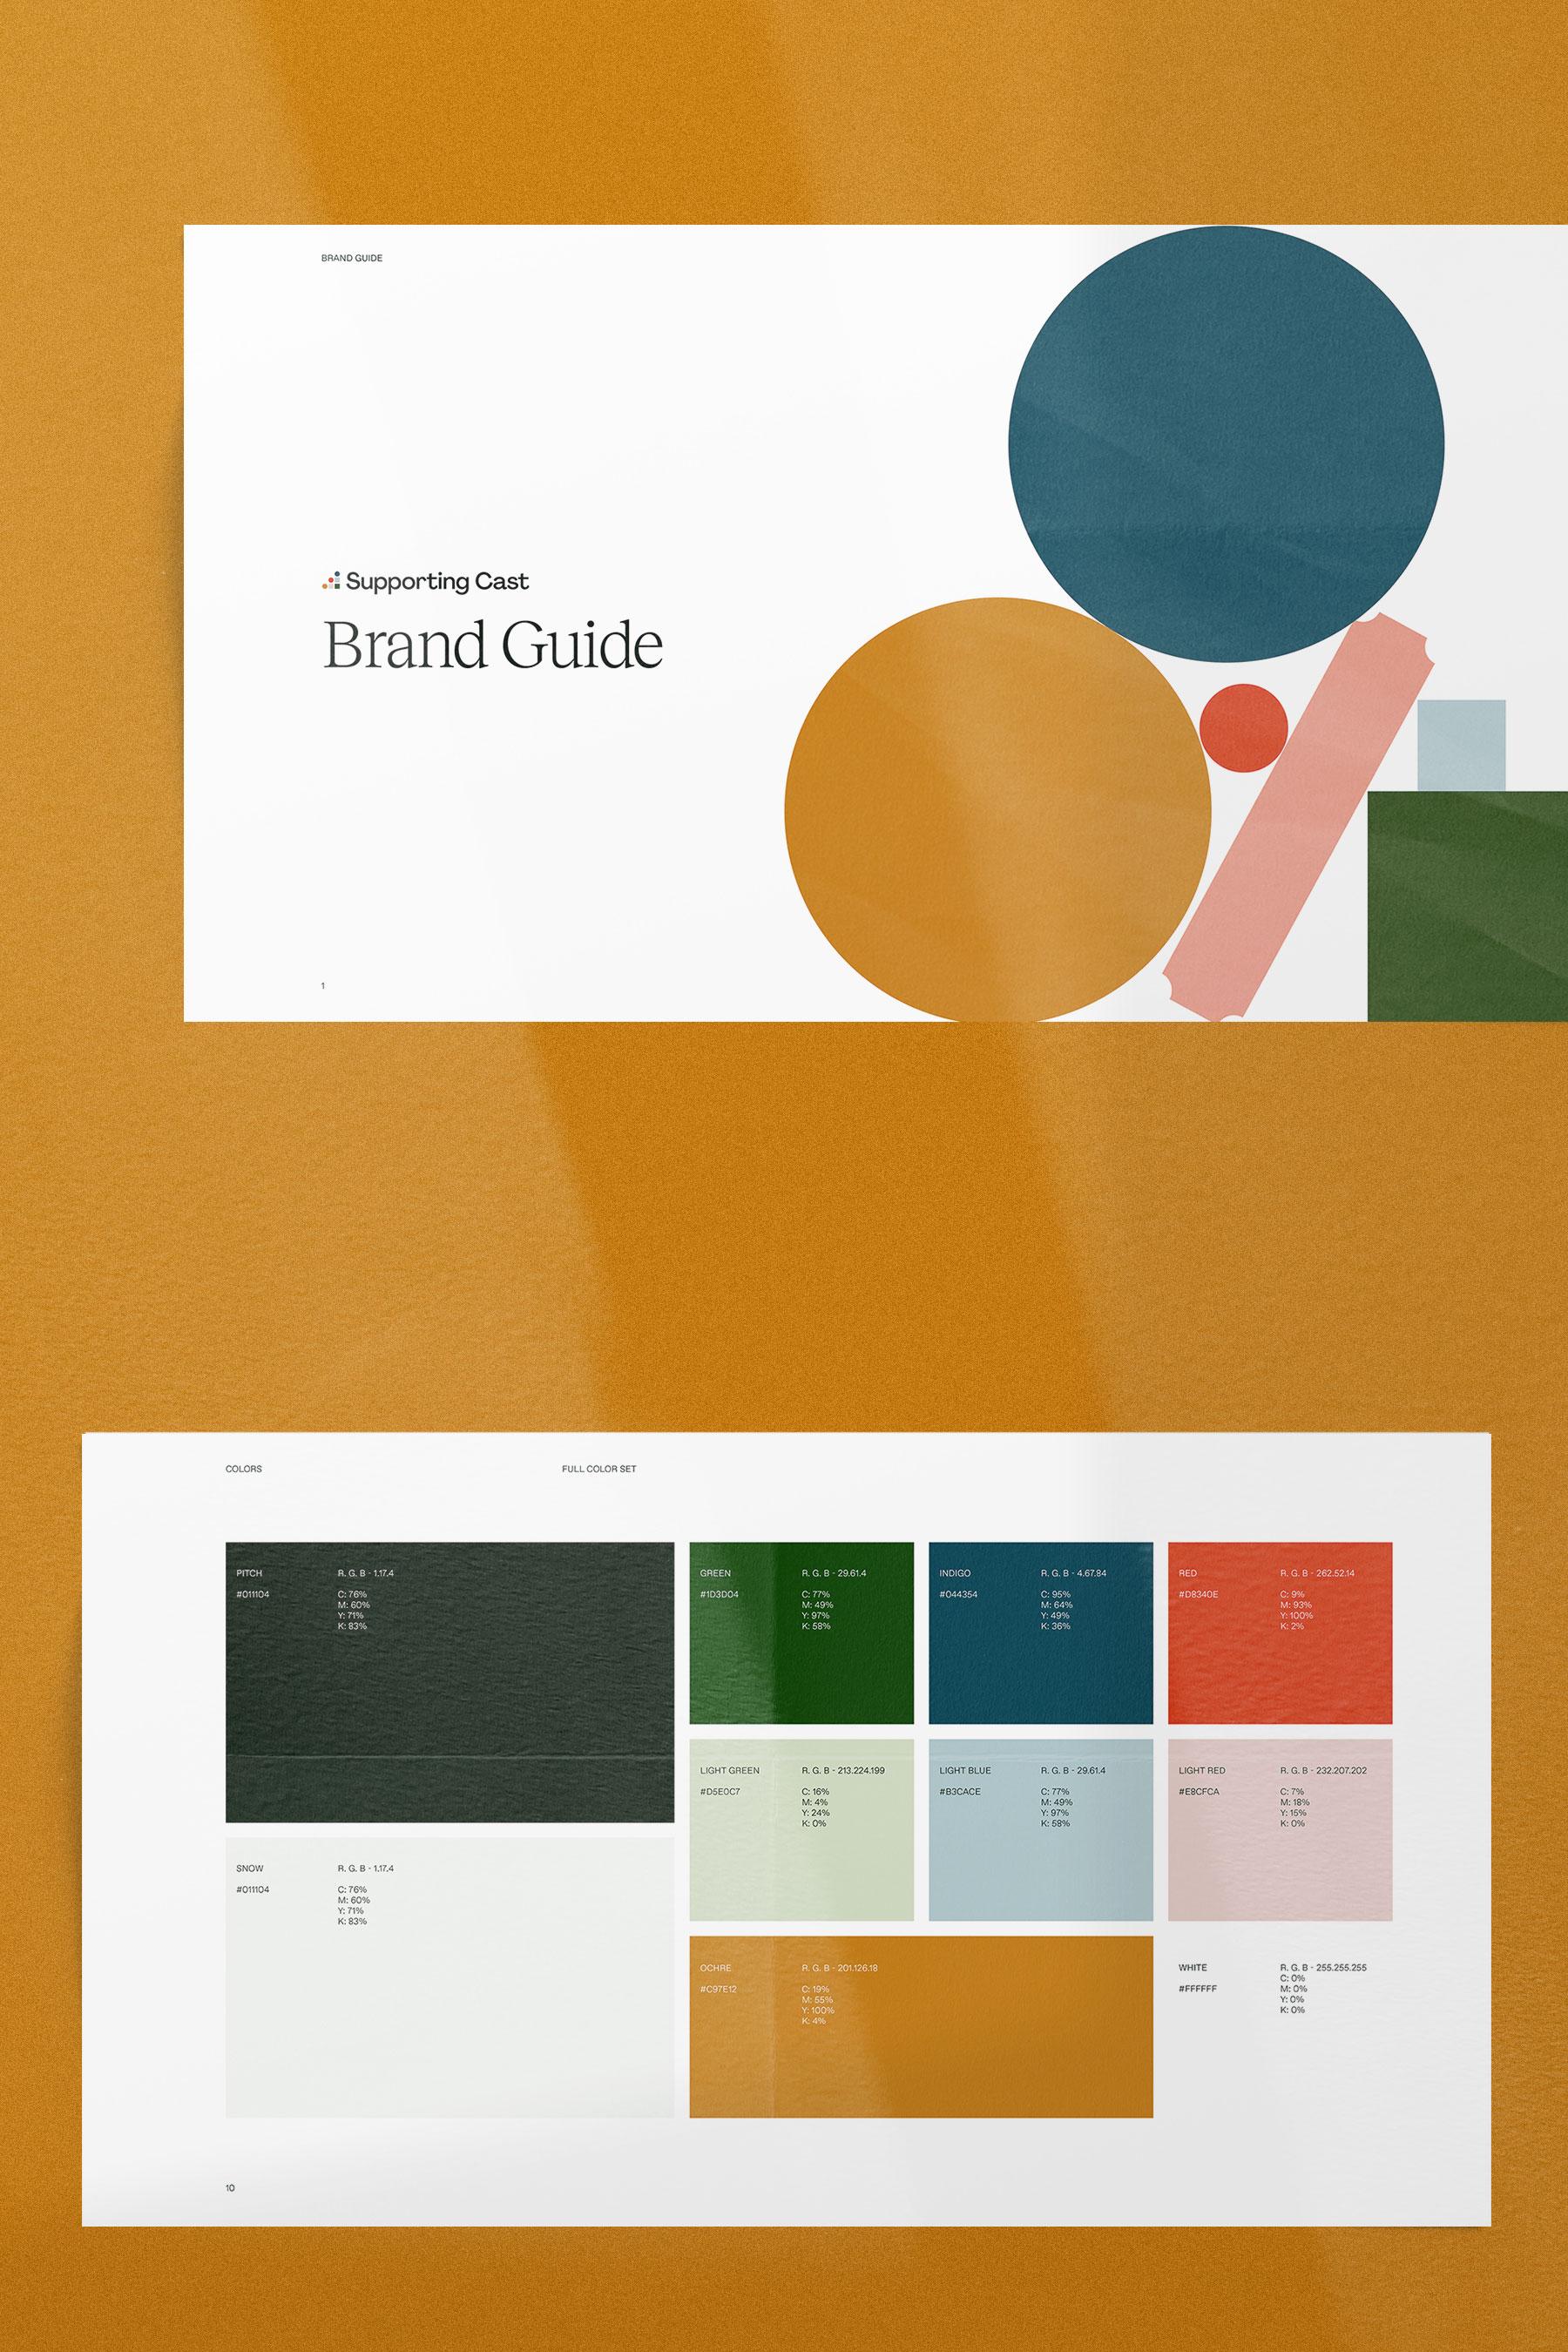 Brand guide.